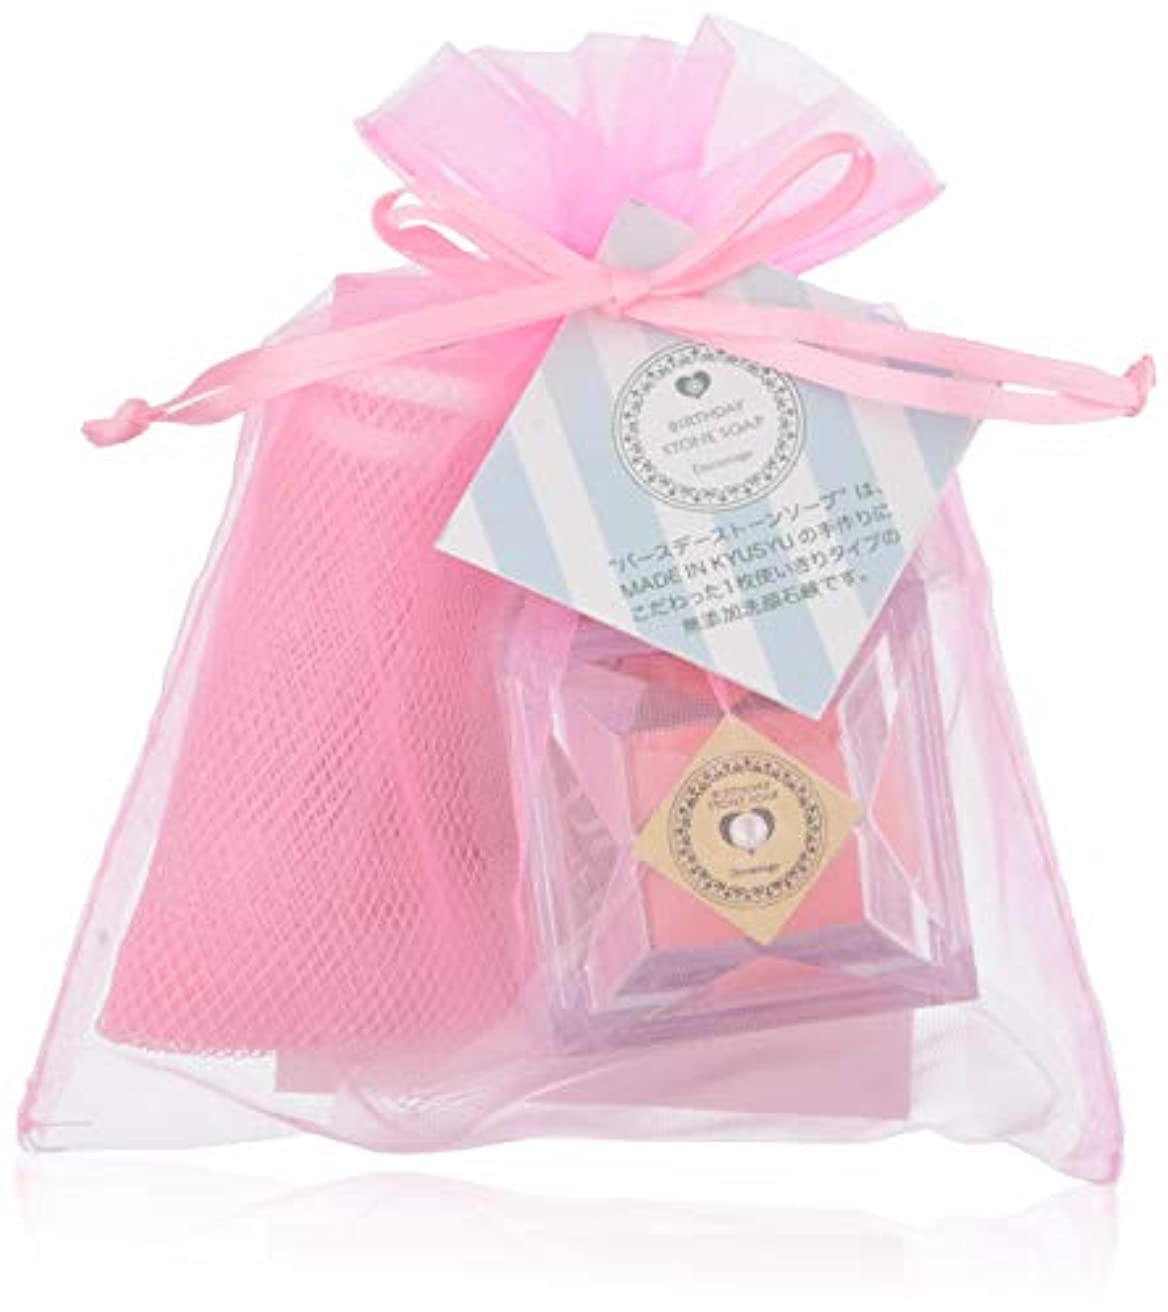 嬉しいですタイマー式誕生月で選べるバースデーストーンソープ プレミアムアルガンmini プチギフト 【4月】 ダイヤモンド(ジャスミンの香り)